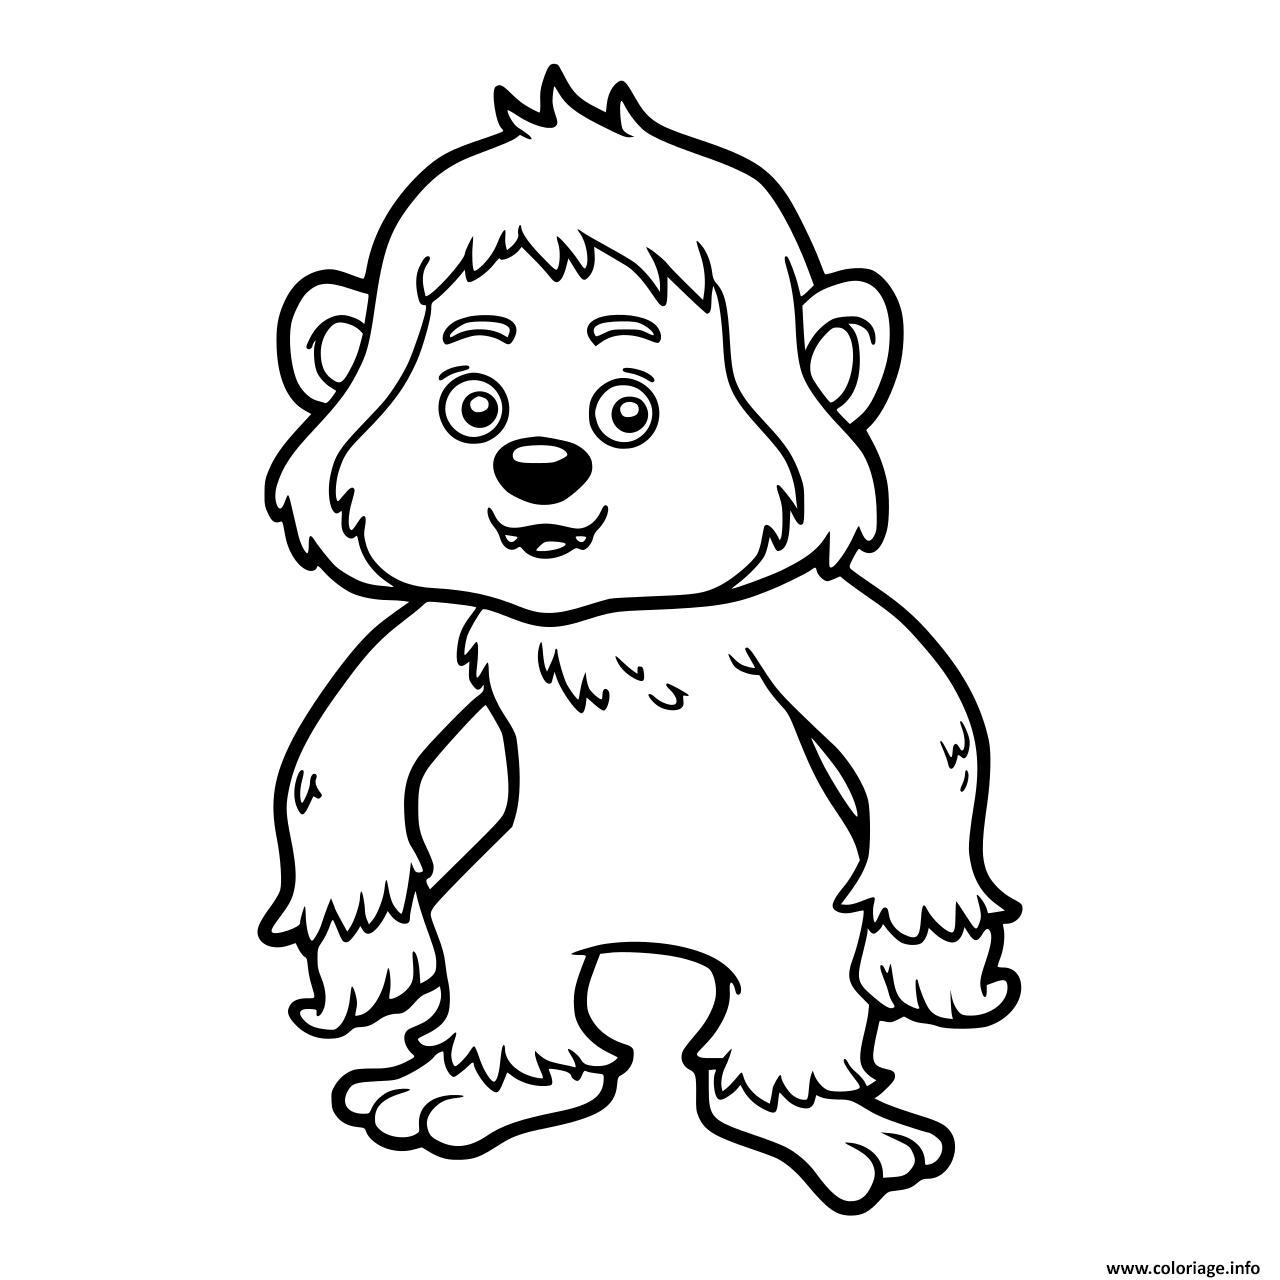 Dessin bebe yeti pour enfants Coloriage Gratuit à Imprimer